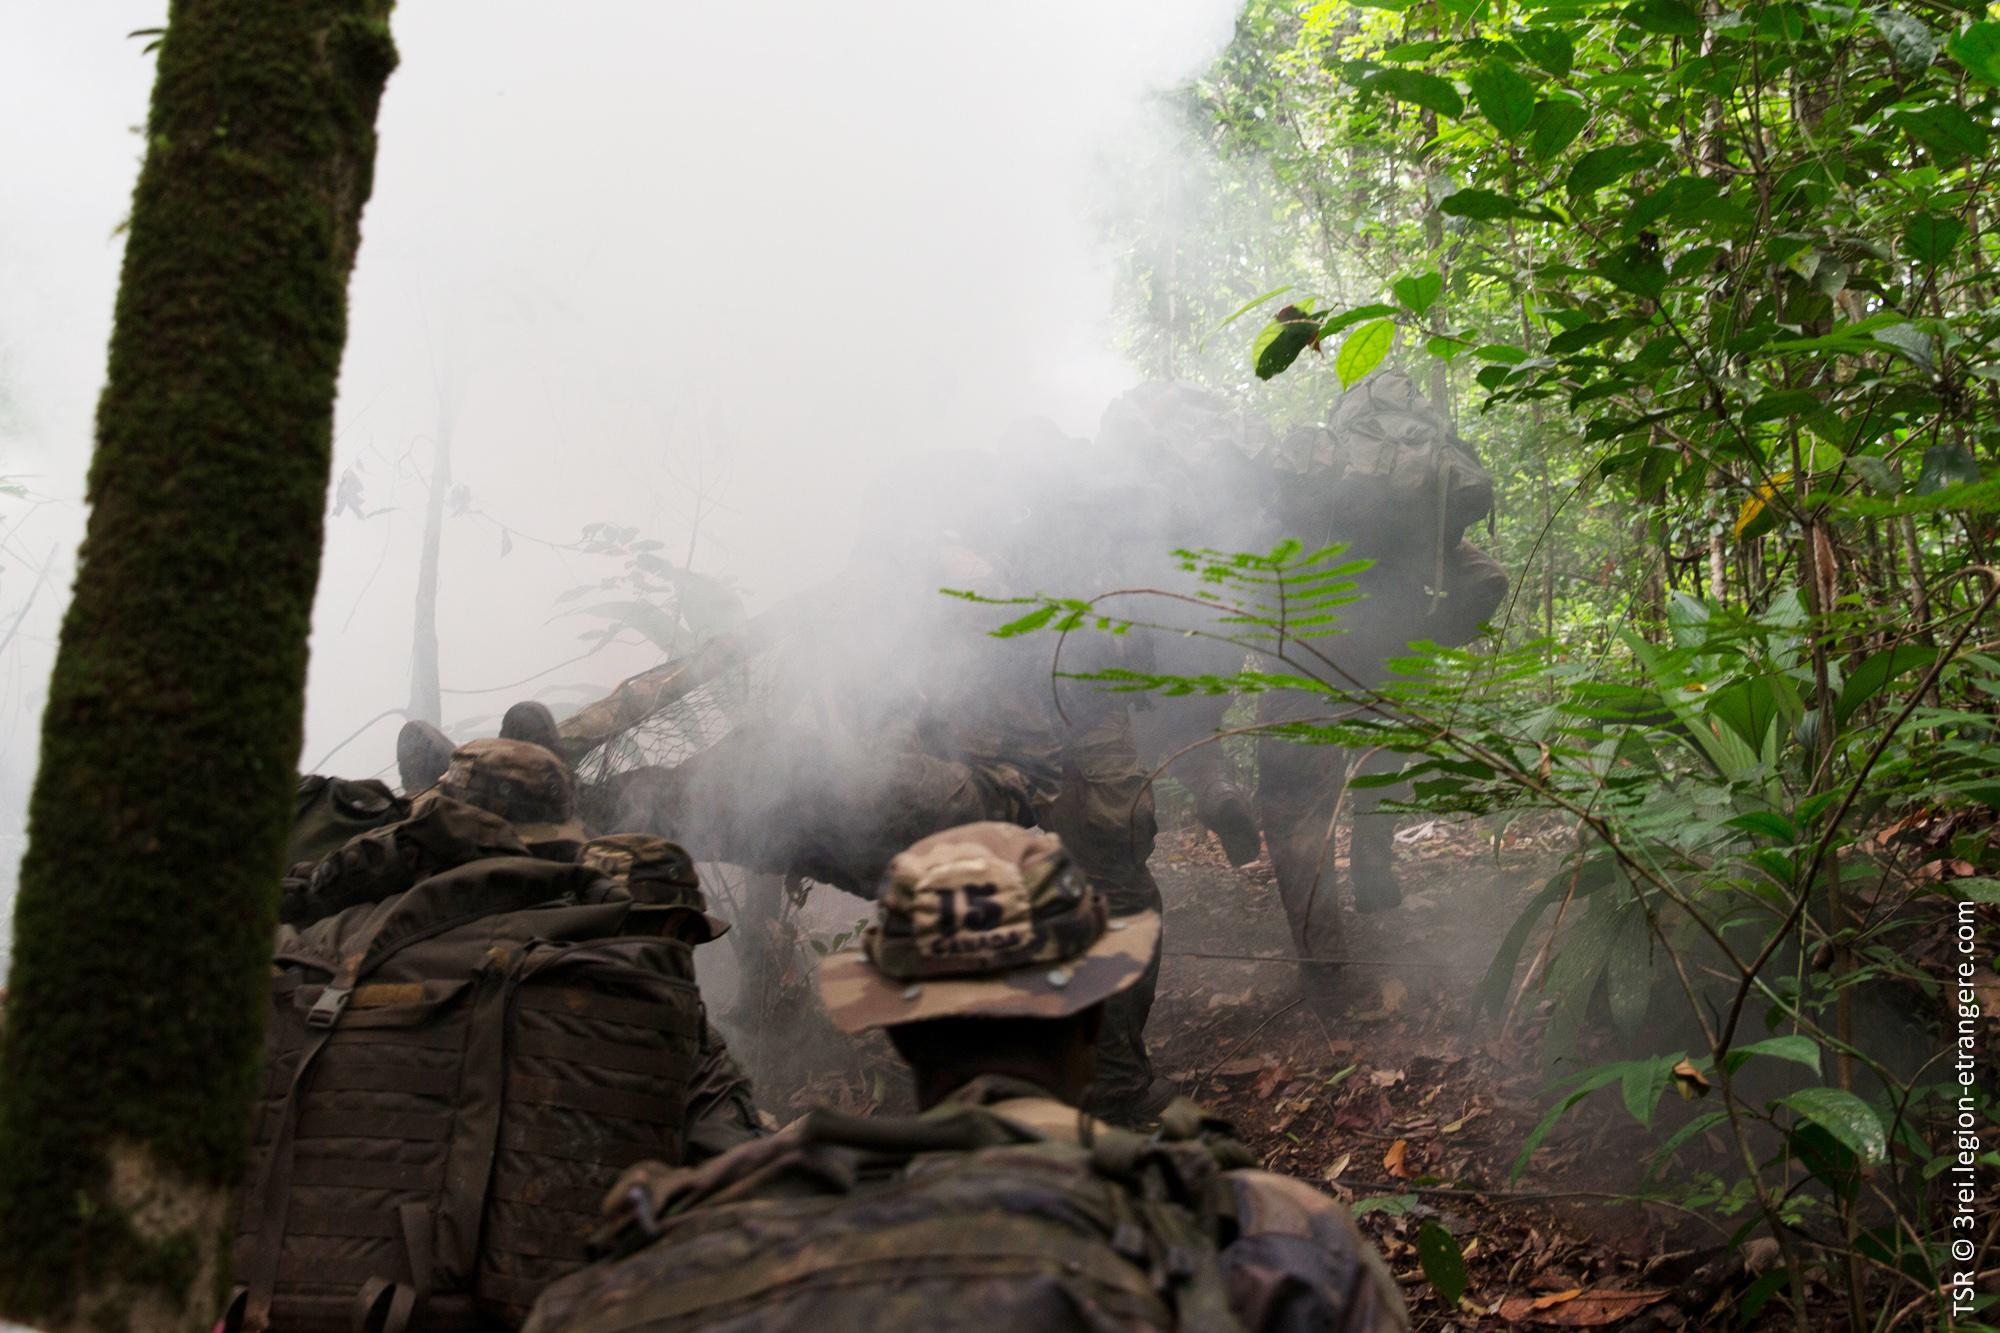 Floresta Do Mal Online in deux mois à la légion : une autre vision de la forêt